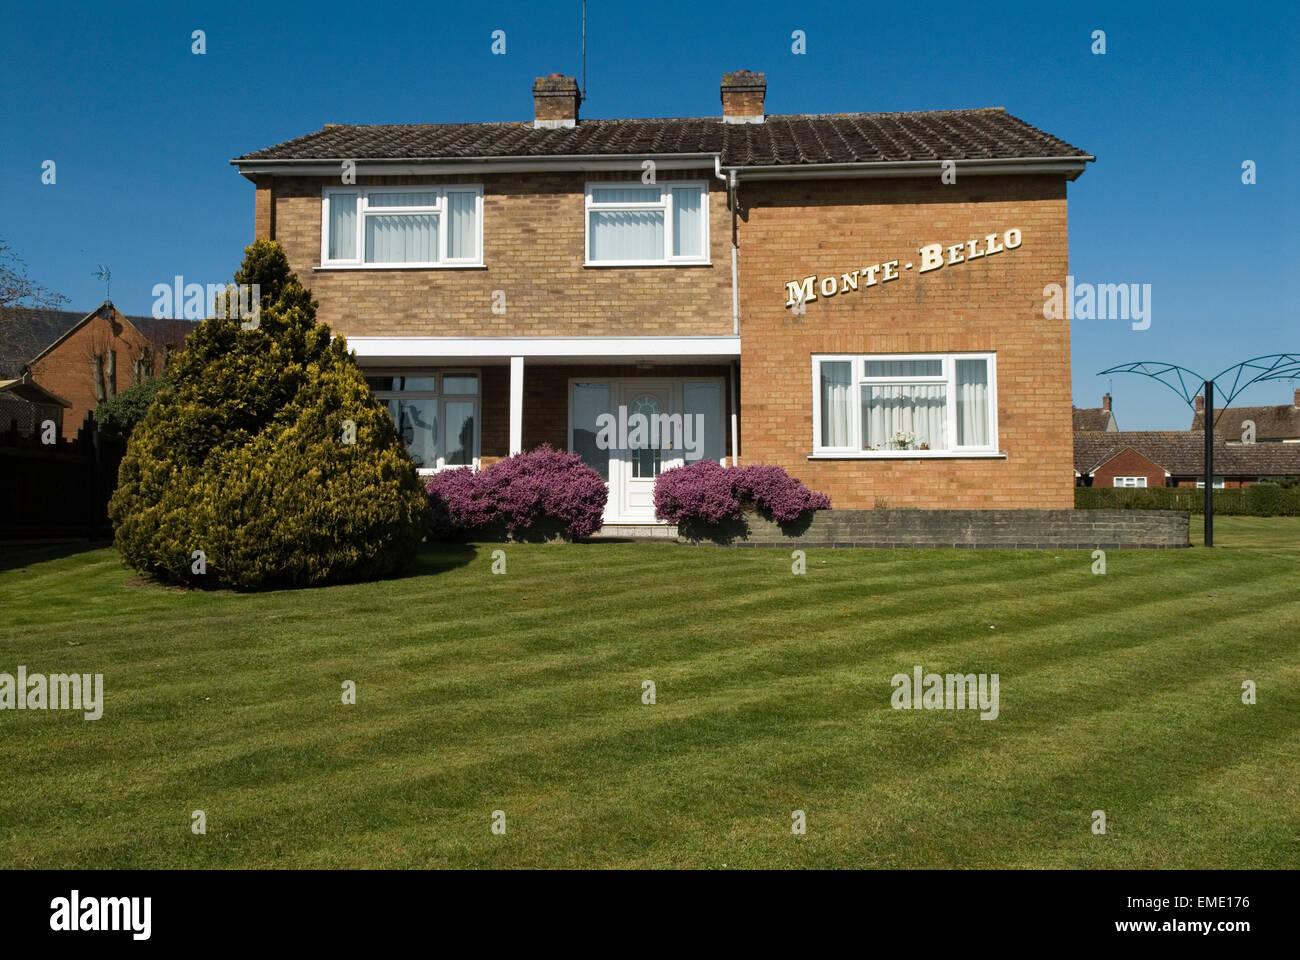 Casa moderna Leicestershire Monte Bello se traduce en italiano como hermosa montaña y es también una ciudad Imagen De Stock